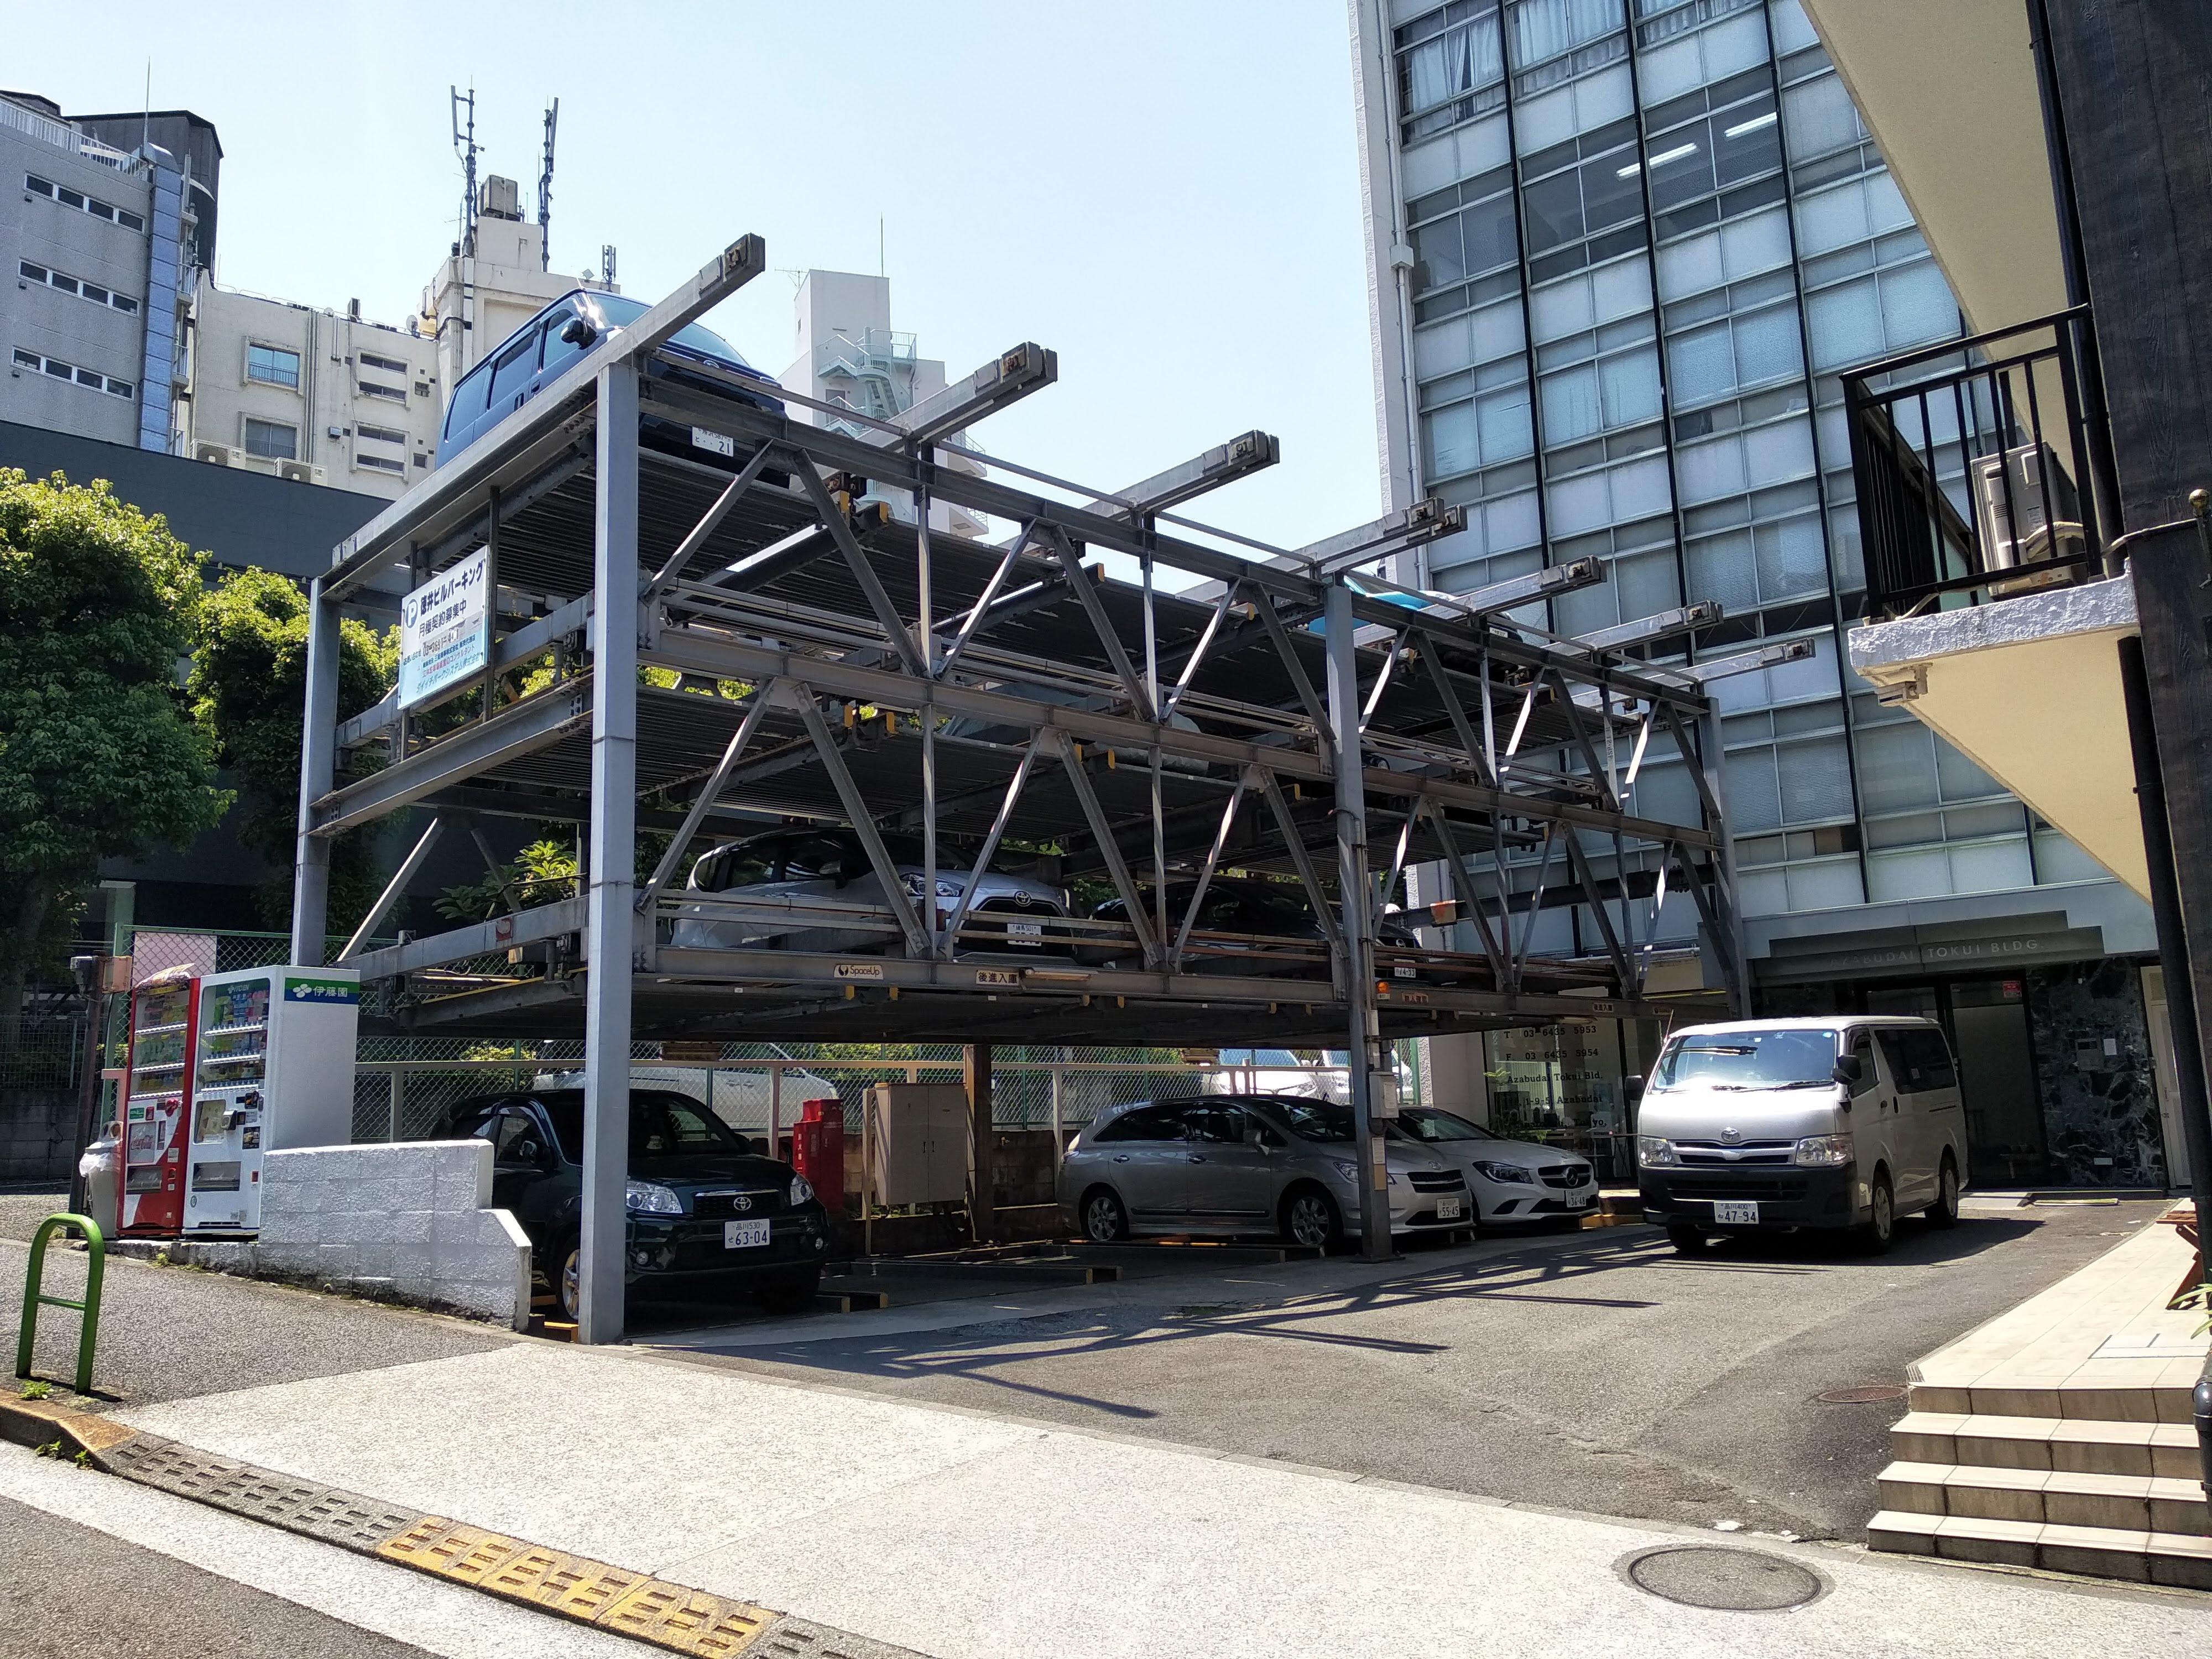 Šetření místem, vertikální parkování